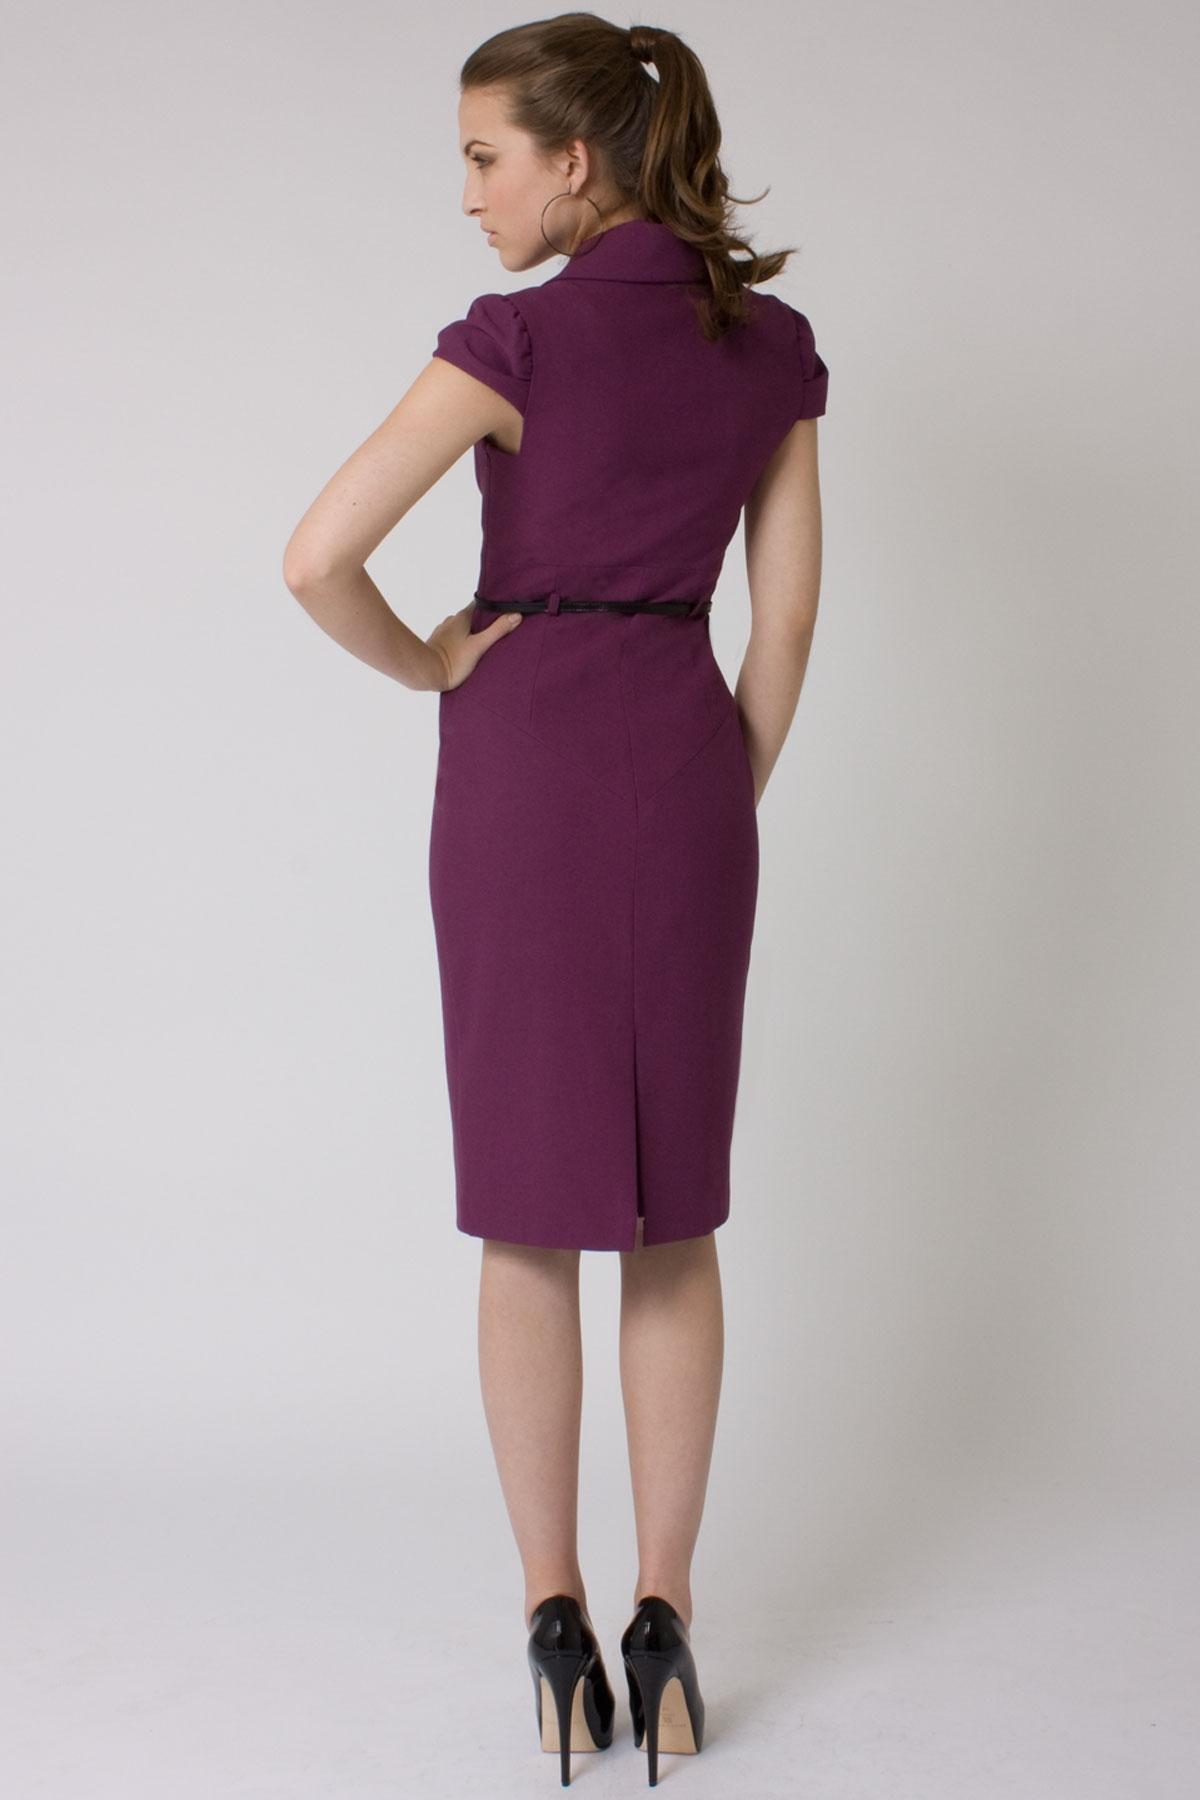 Black Halo Jacket Dress in Purple - Lyst